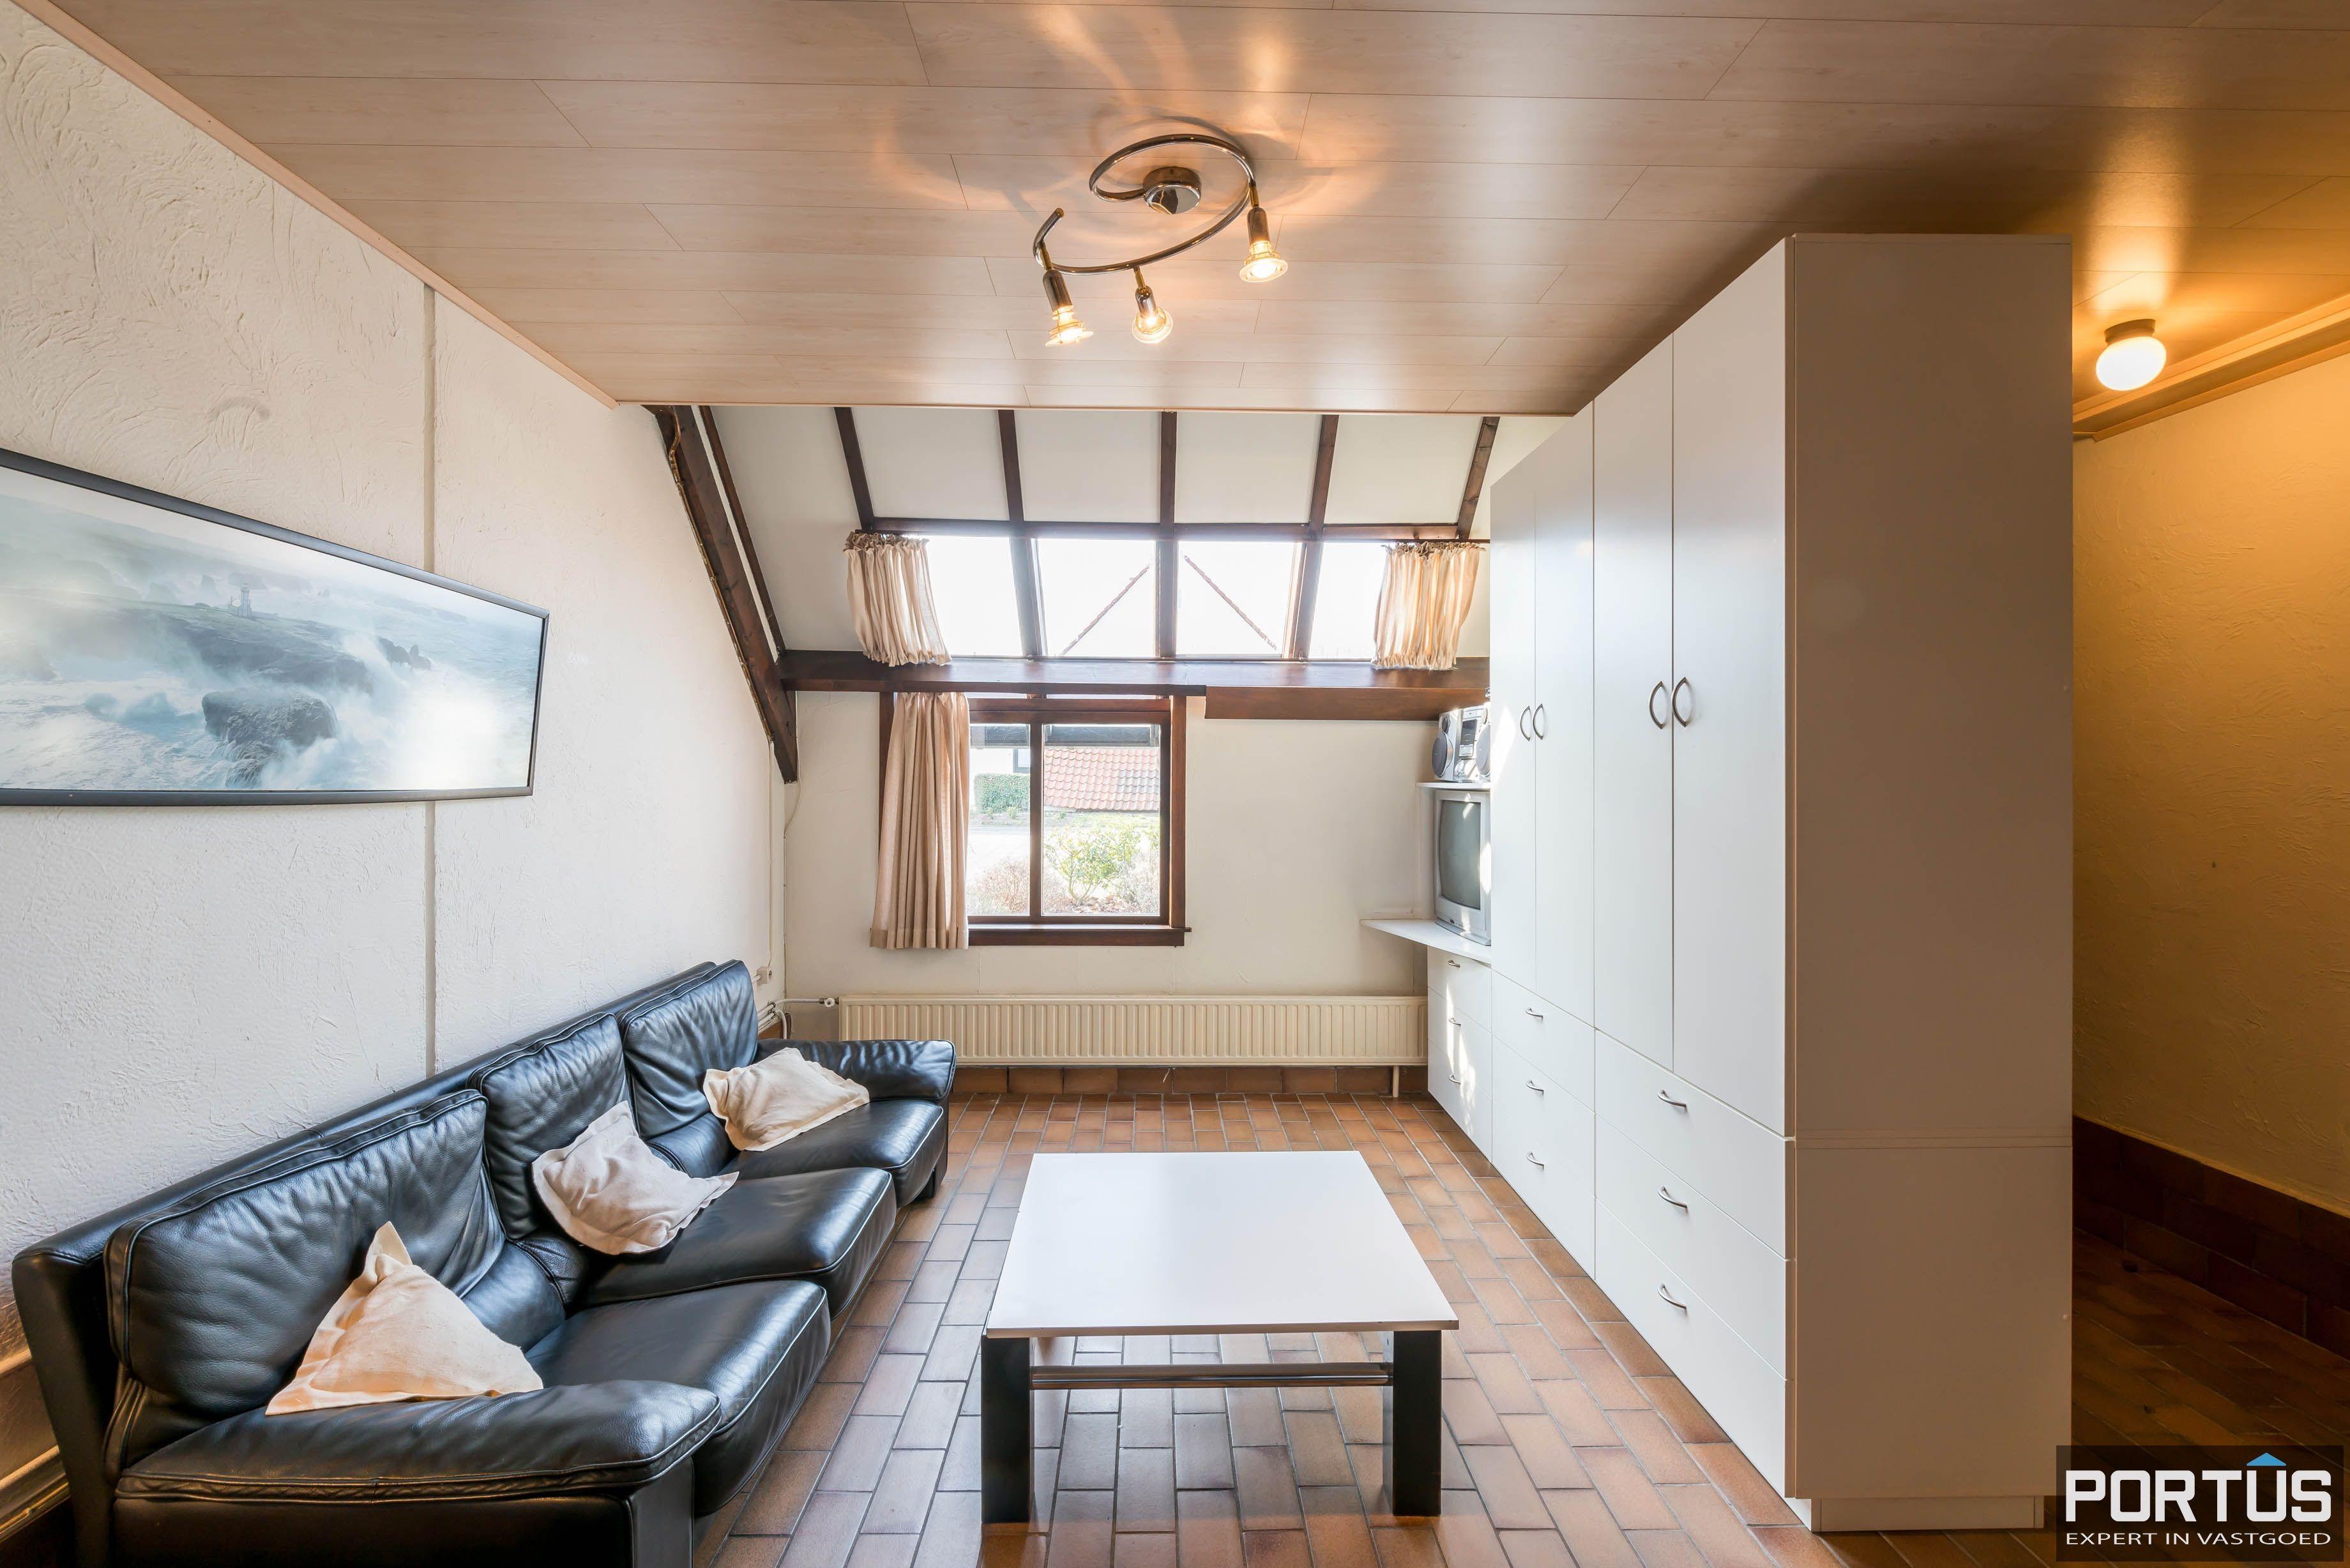 Woning te koop Nieuwpoort 4 slaapkamers en parking - 5575